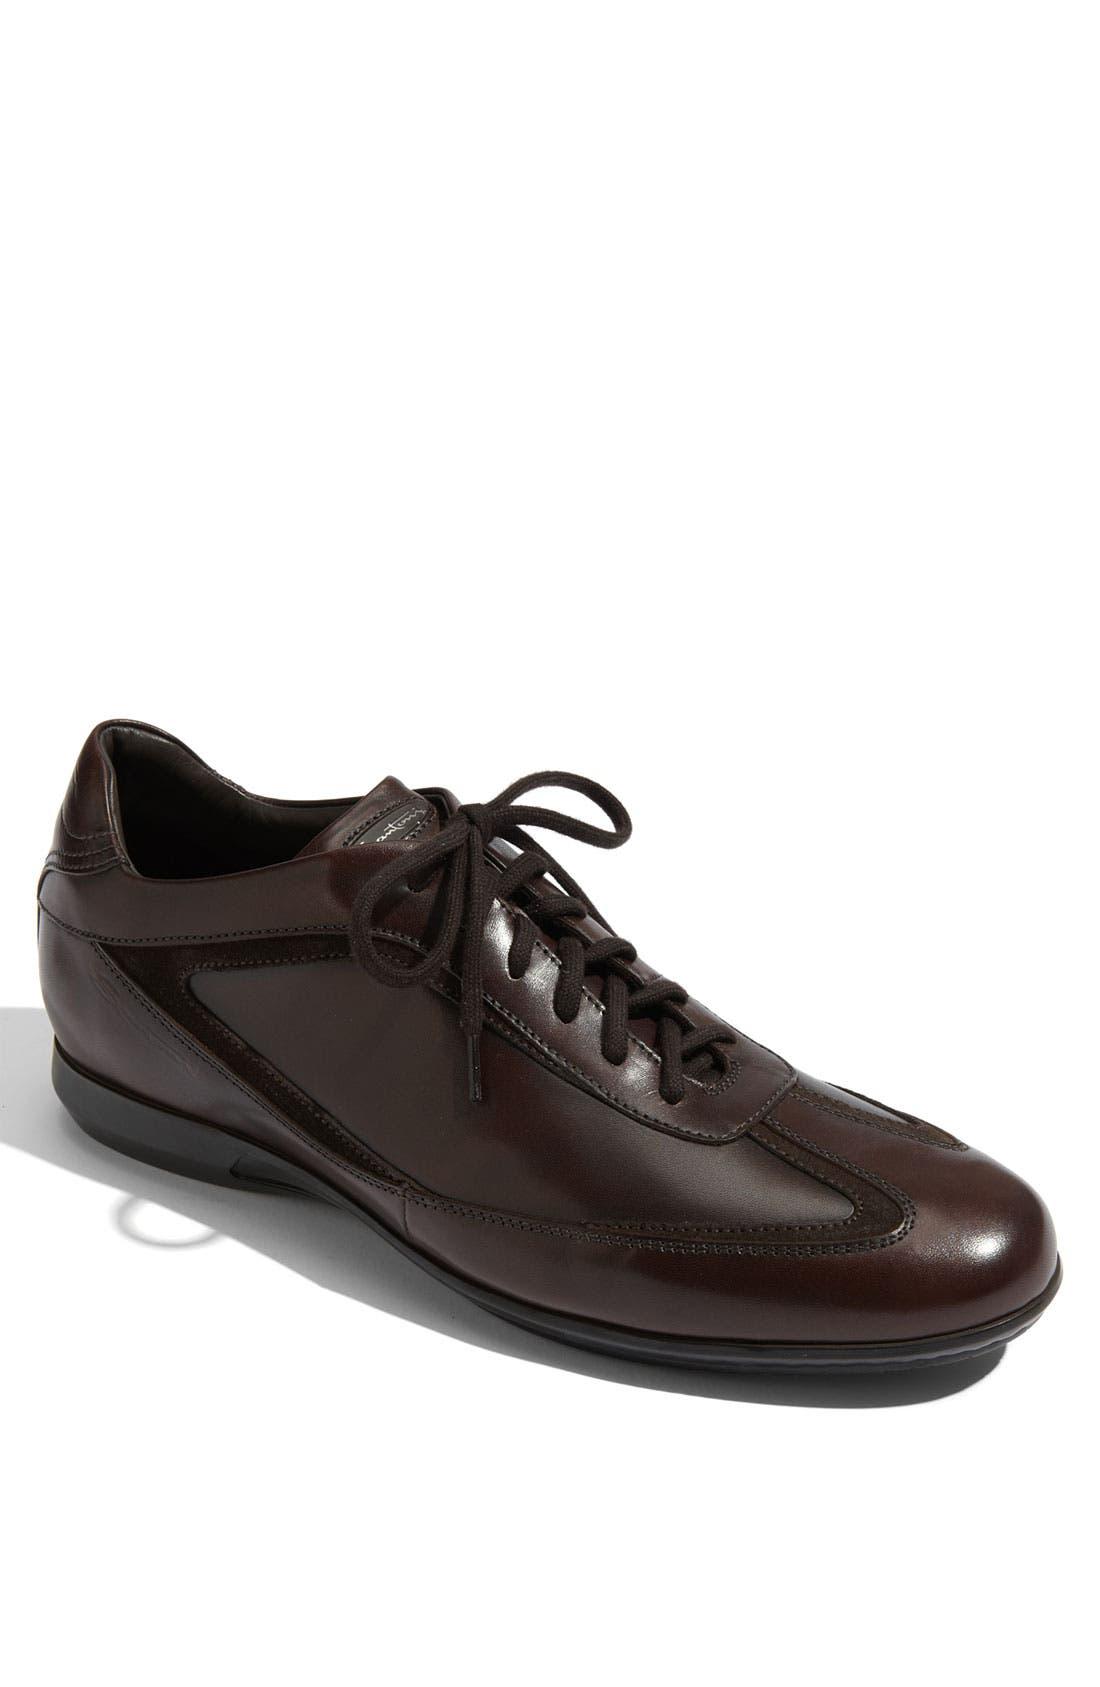 Alternate Image 1 Selected - Santoni 'Marlin' Sneaker (Men)